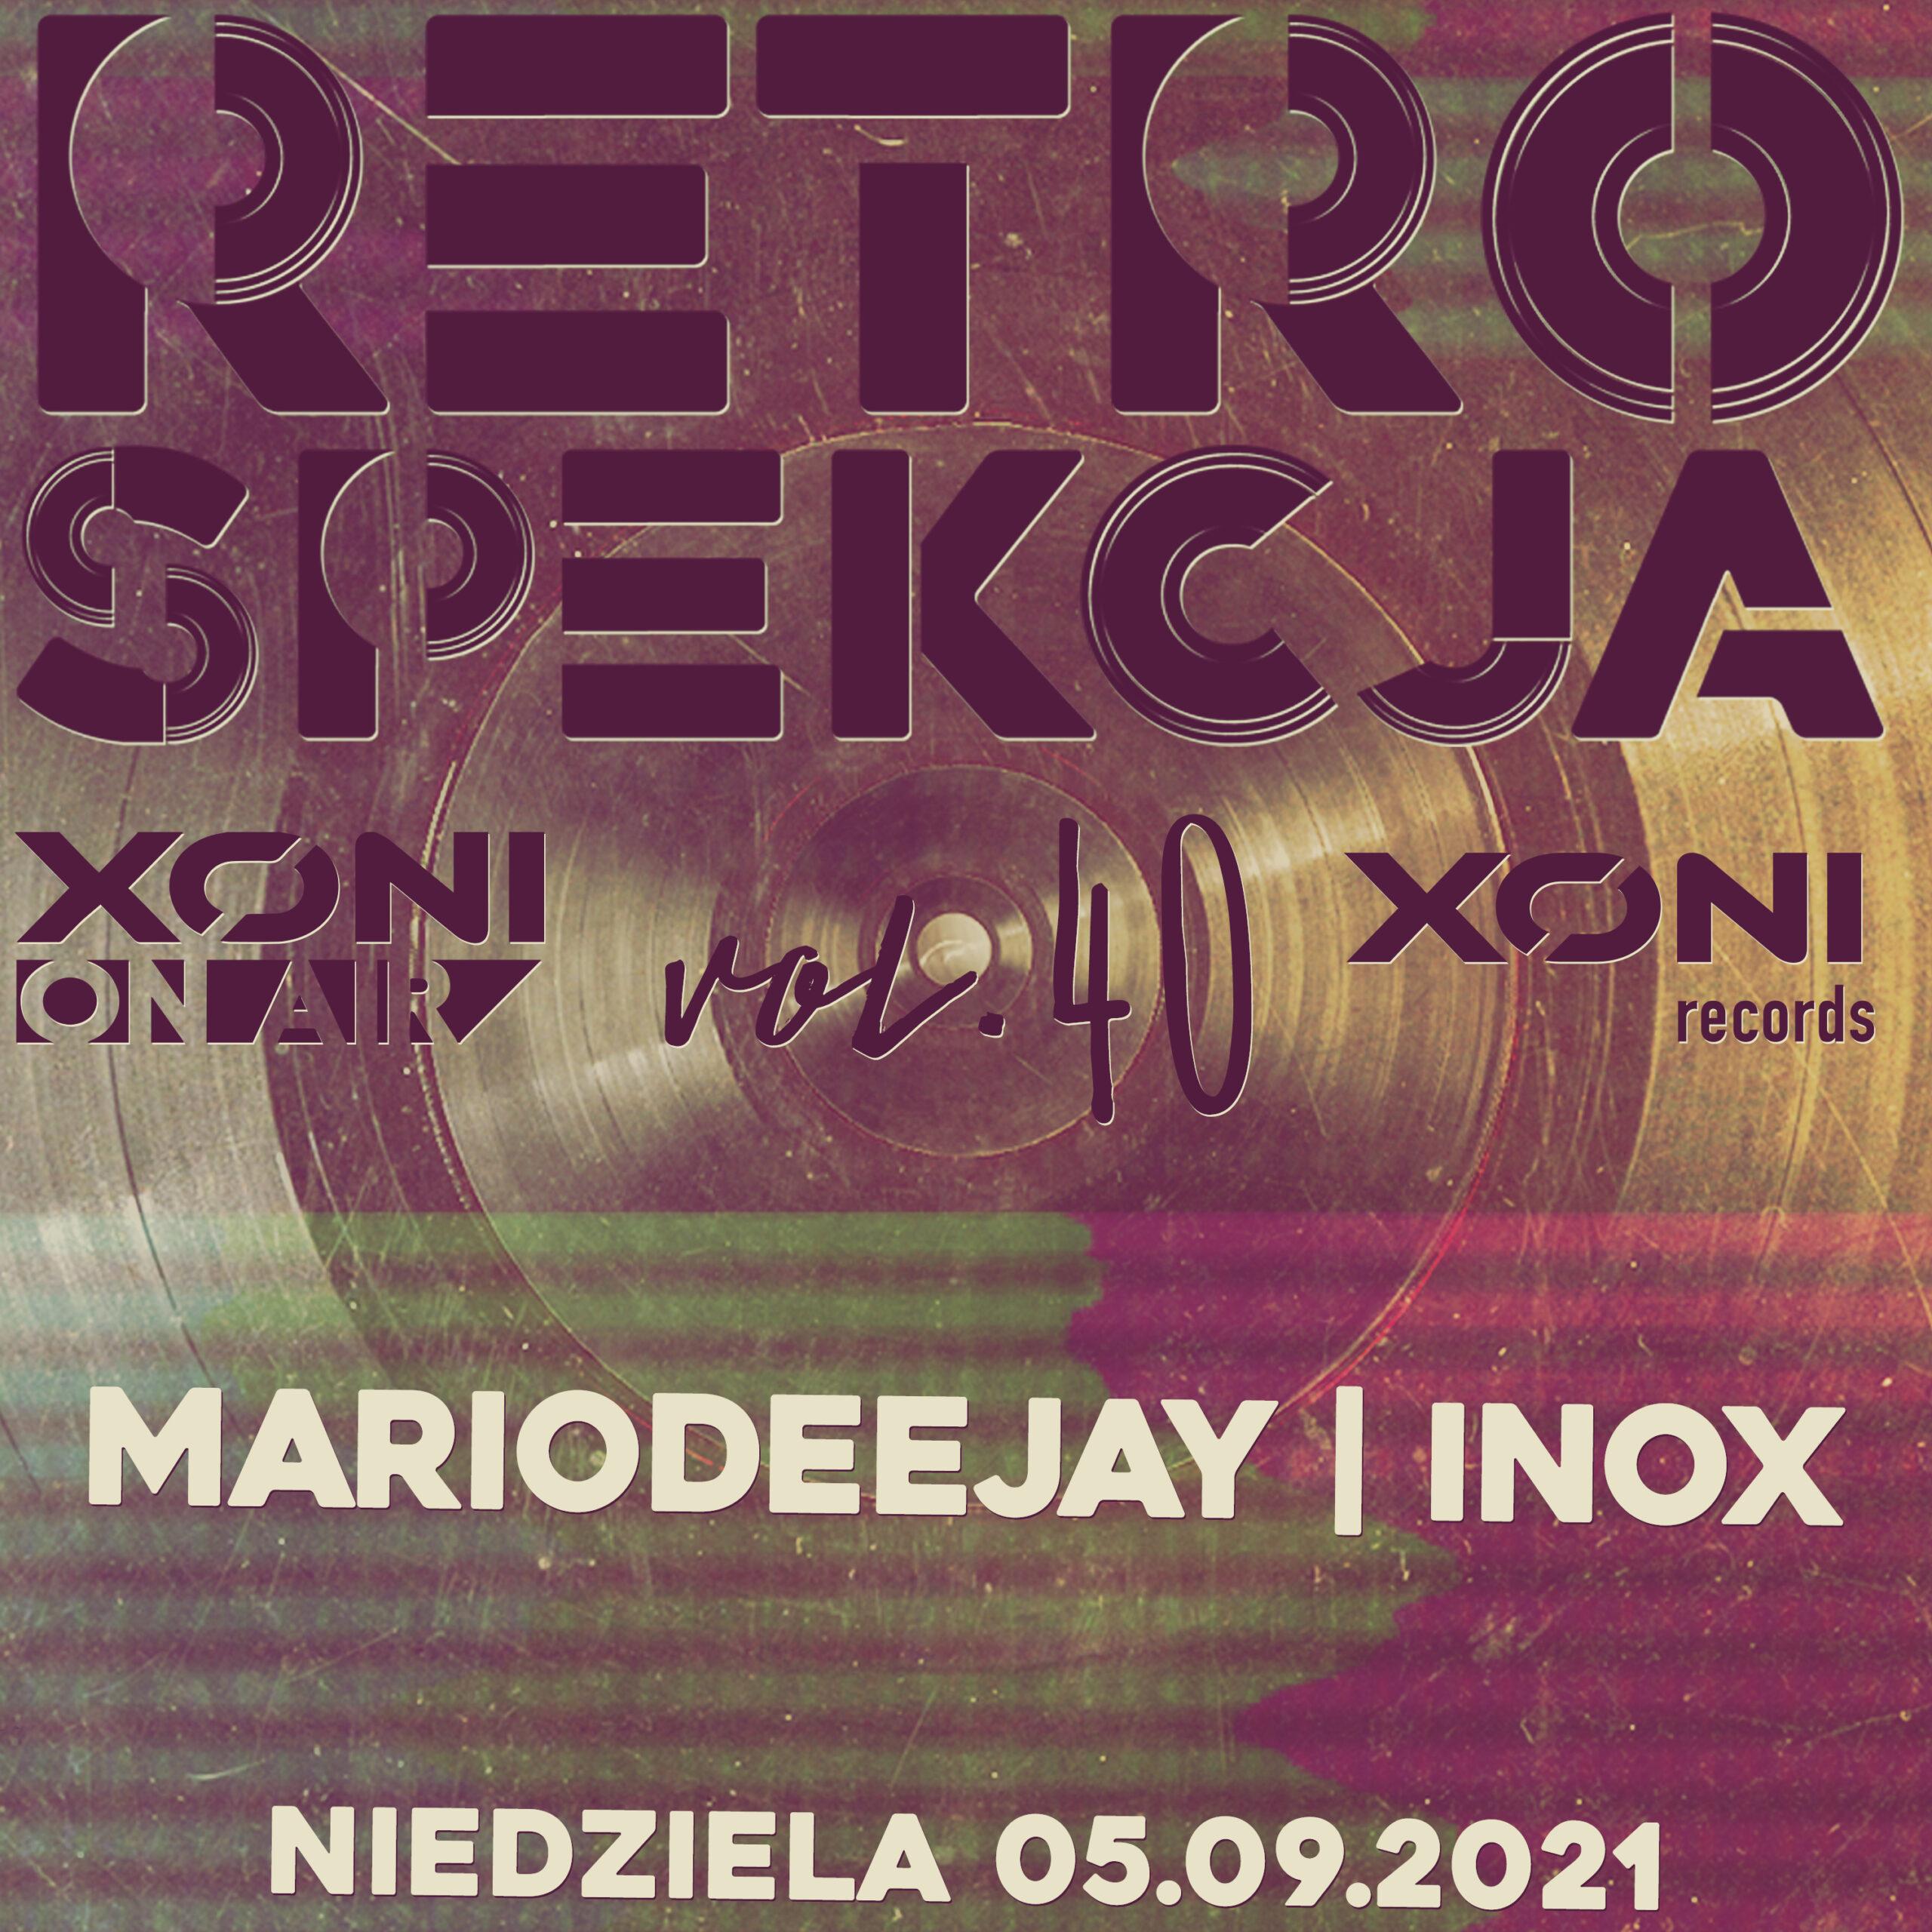 Retrospekcja Vol.40 MarioDeejay/Inox